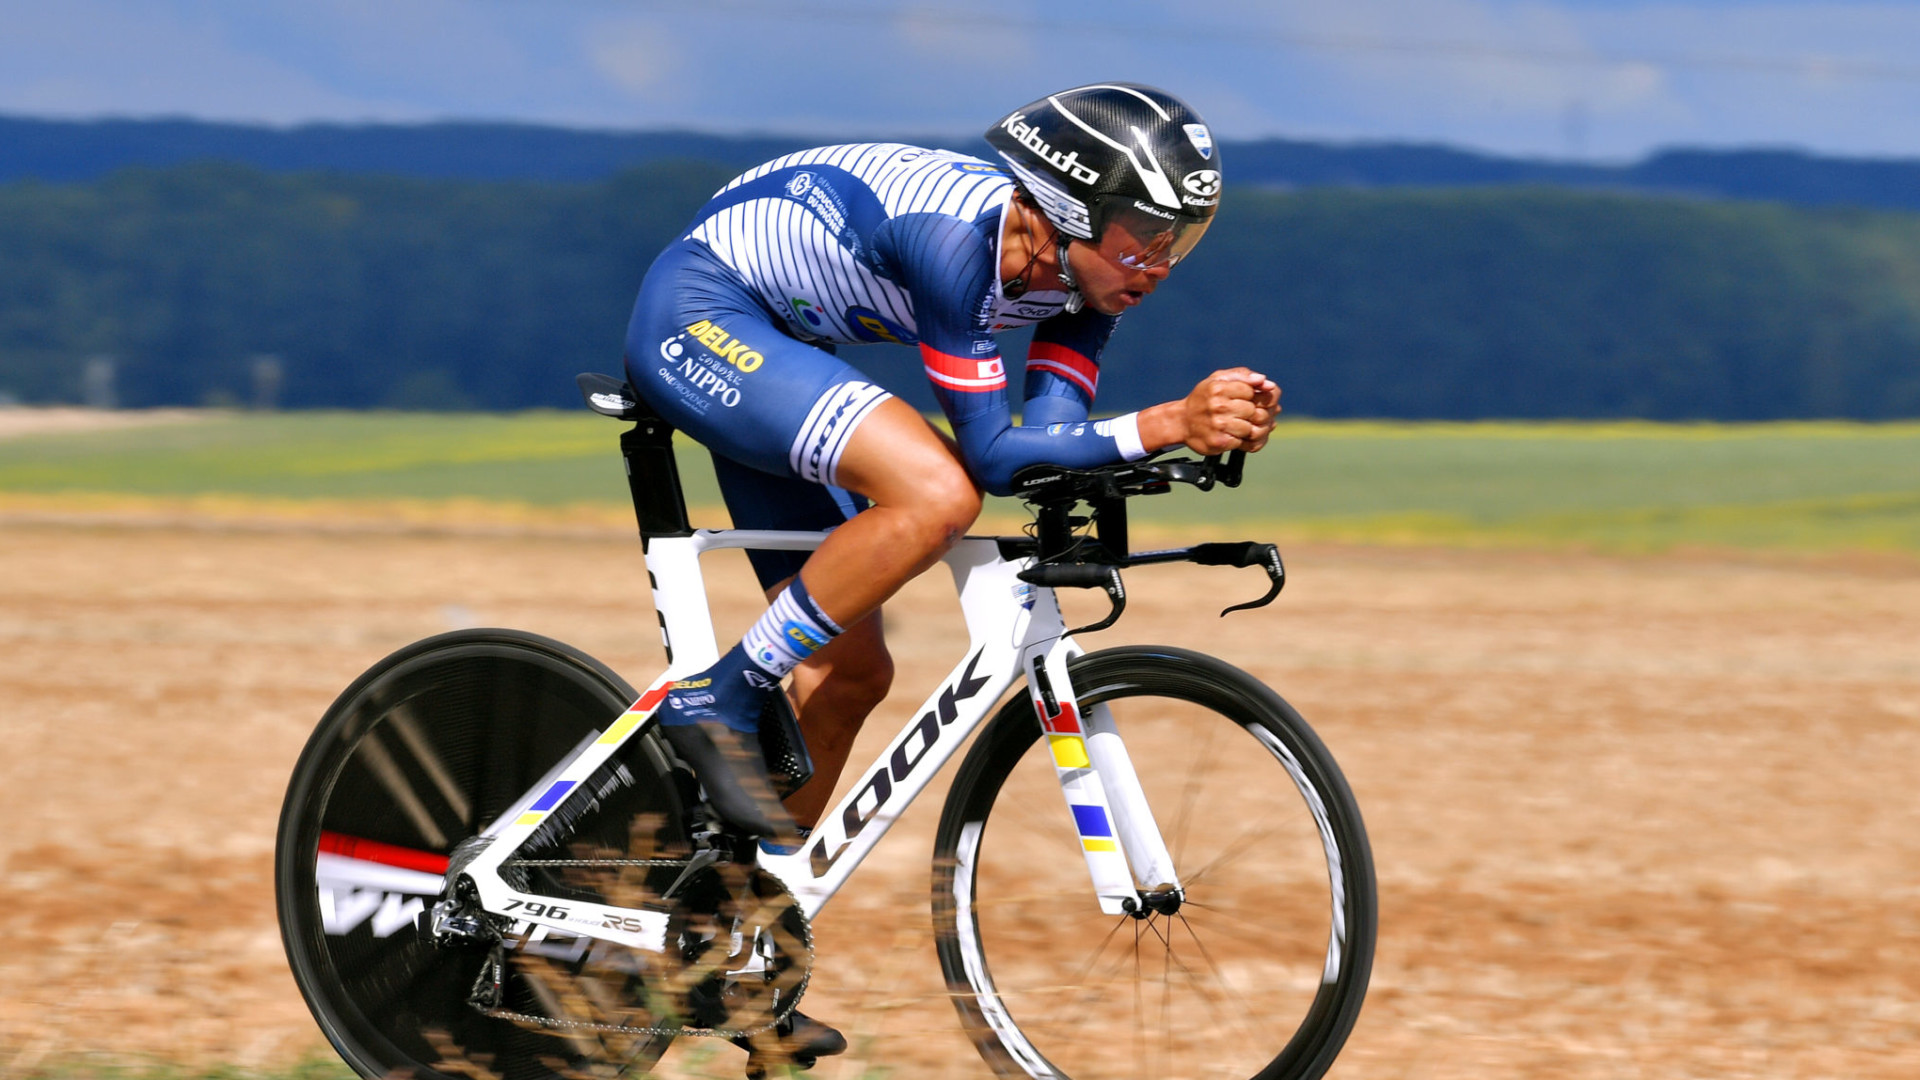 abbigliamento ciclismo EF Education First-Drapac, abbigliamento ciclismo EF Education First-Drapac basso prezzo